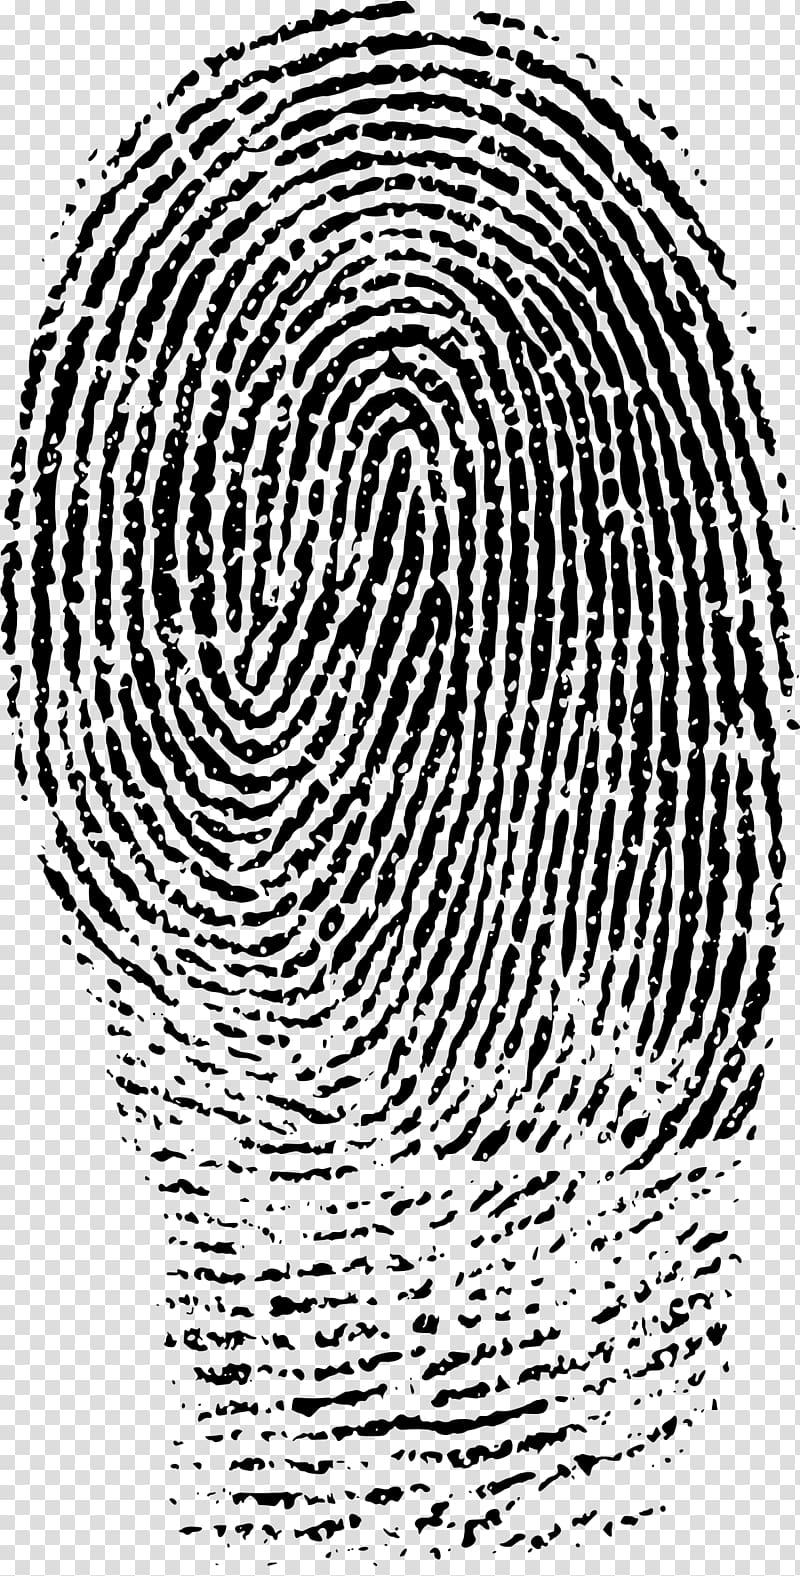 Fingerprint Evidence Forensic science Crime scene, finger print.